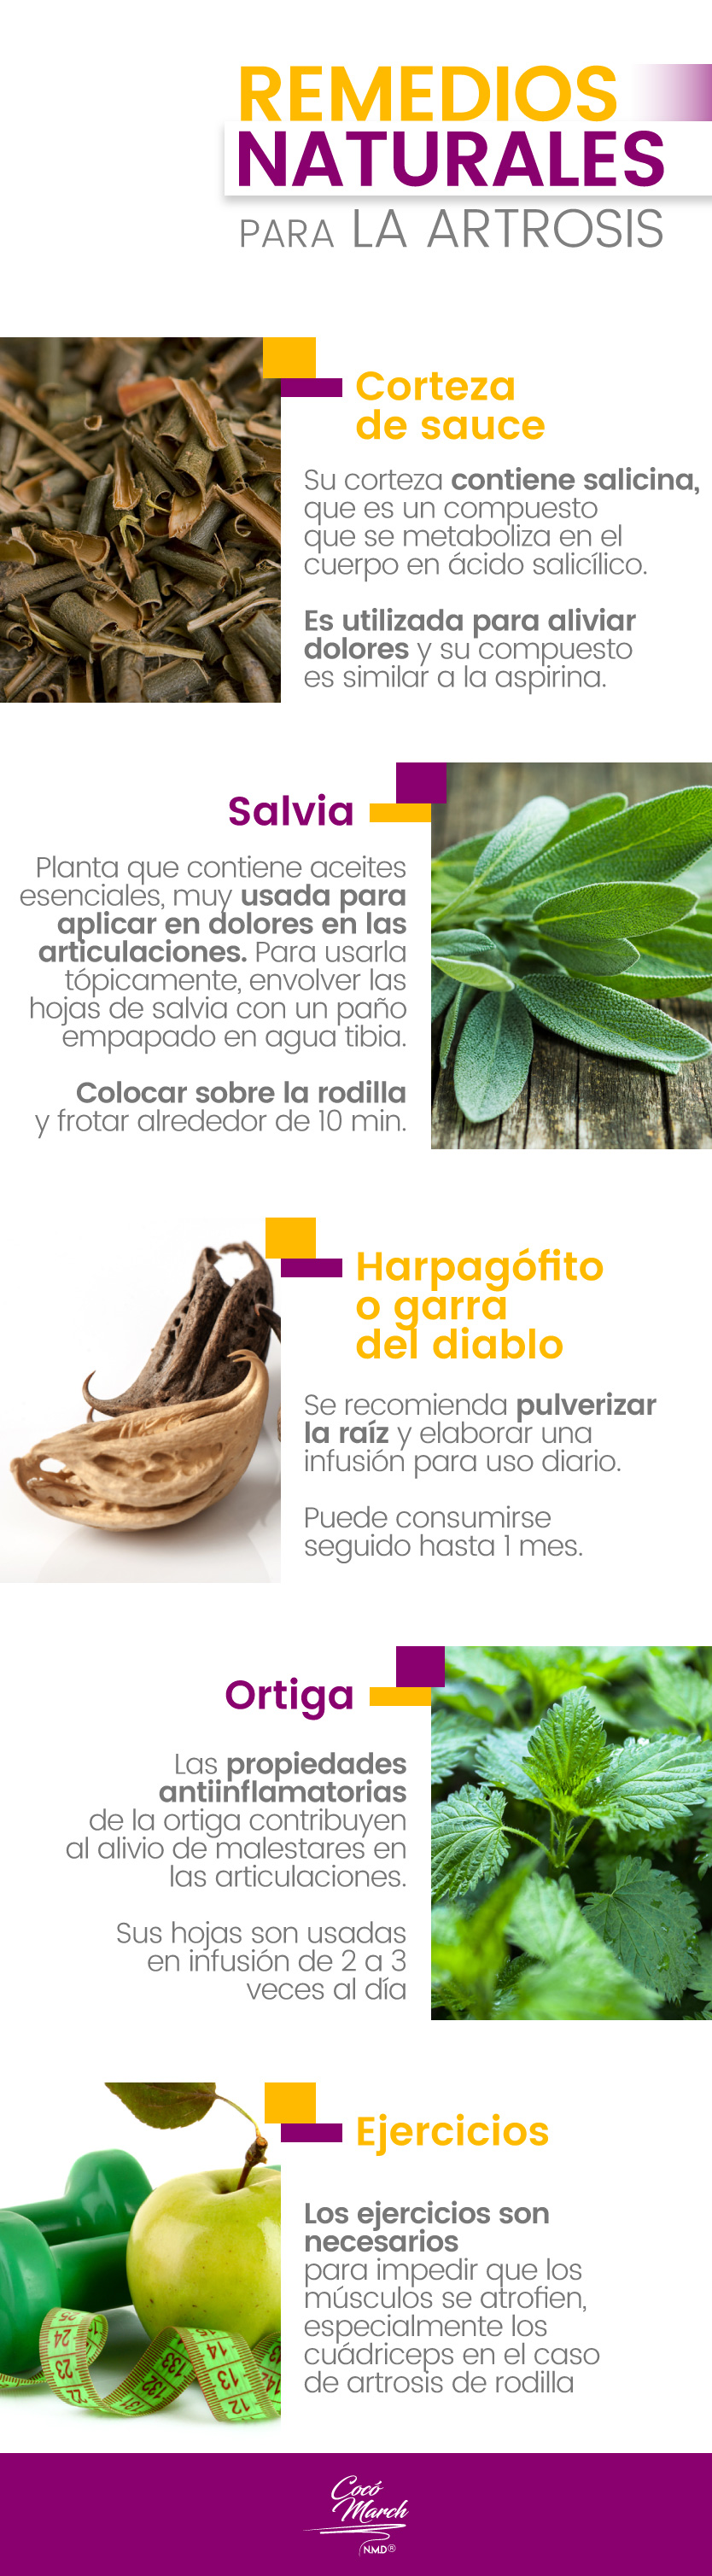 remedios-naturales-para-la-artrosis